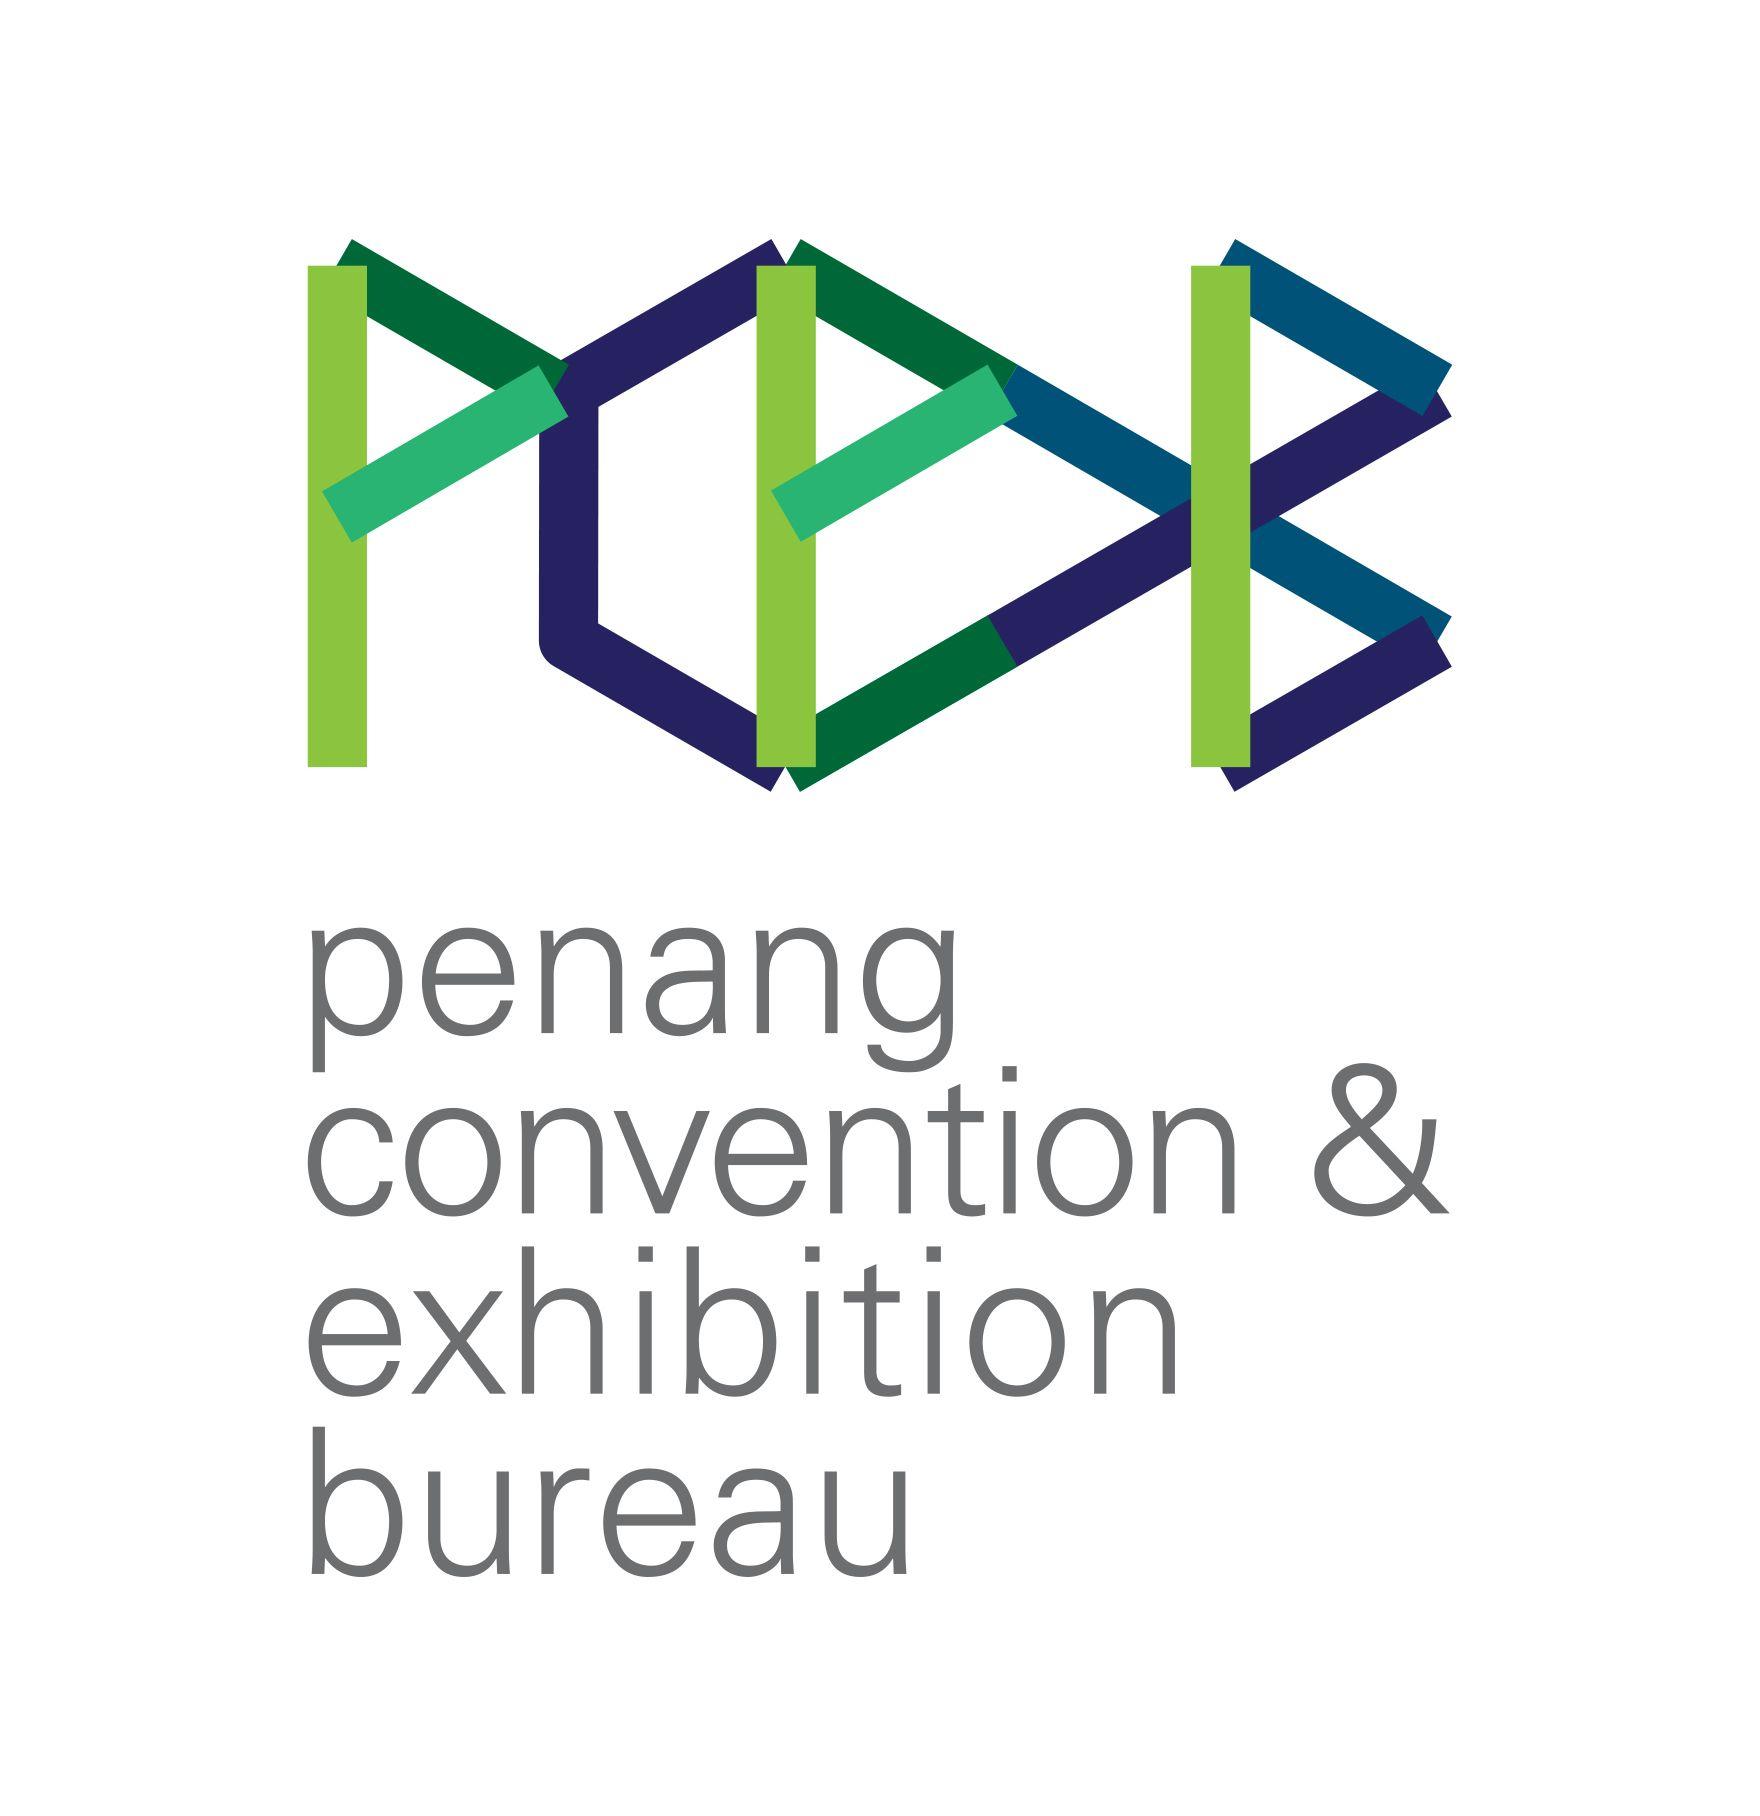 Penang Convention & Exhibition Bureau